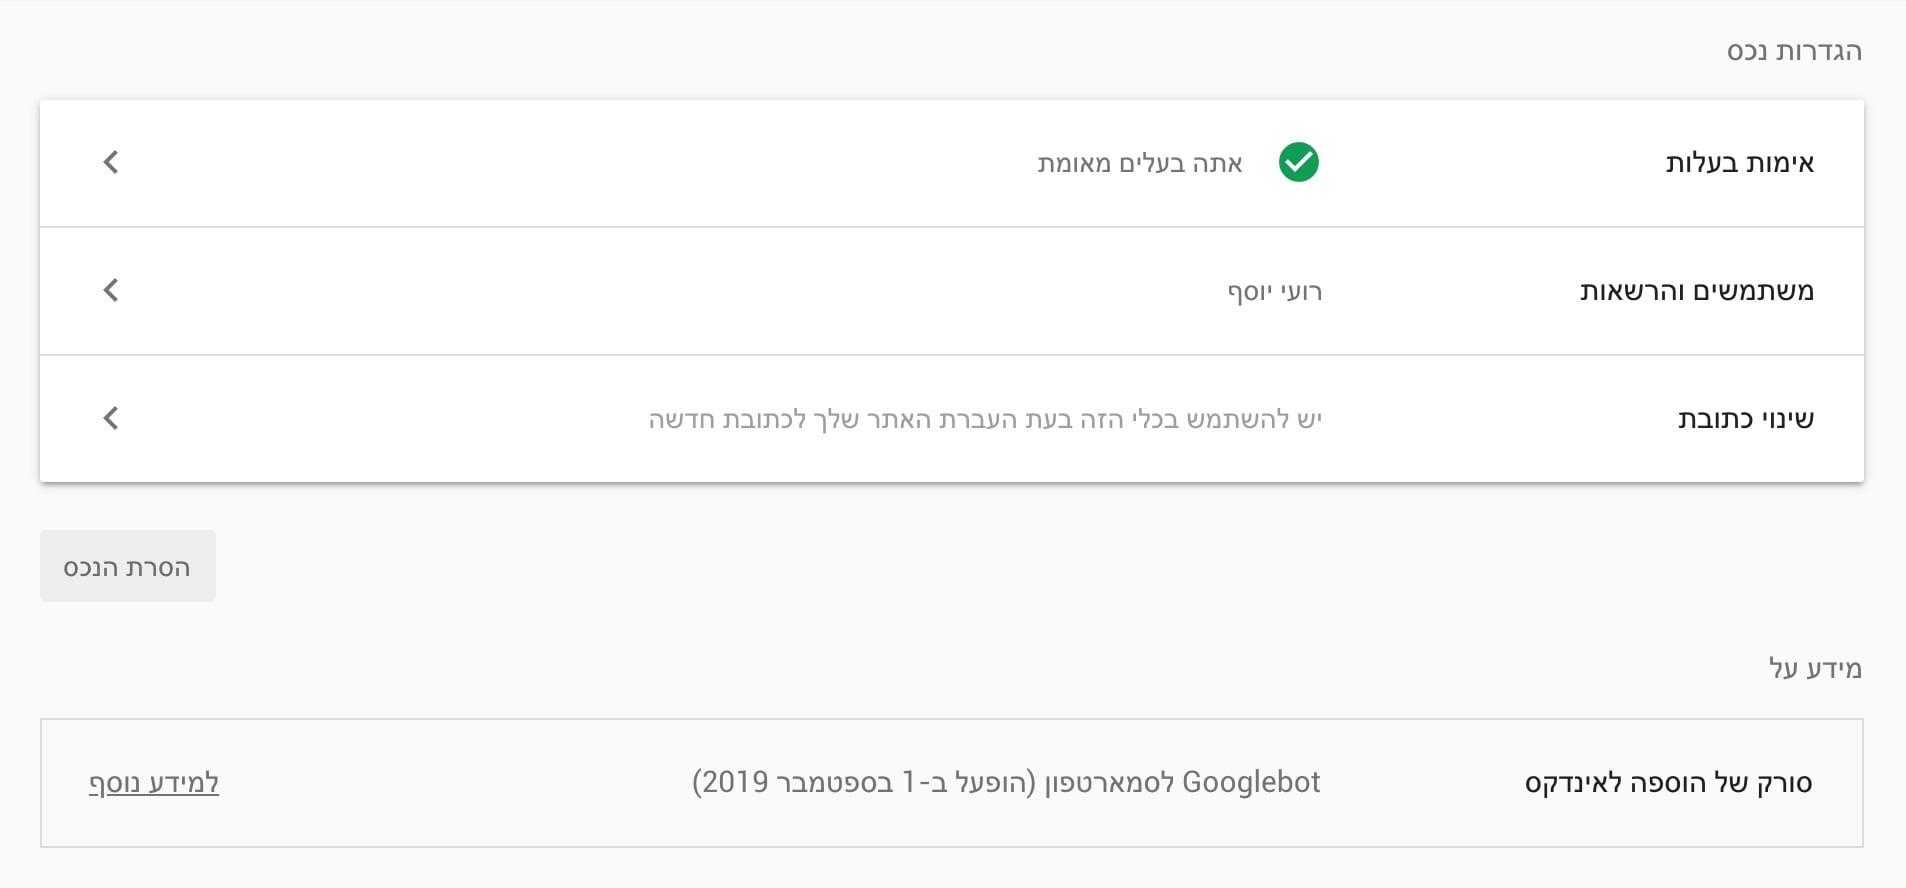 הגדרות - Google Search Console